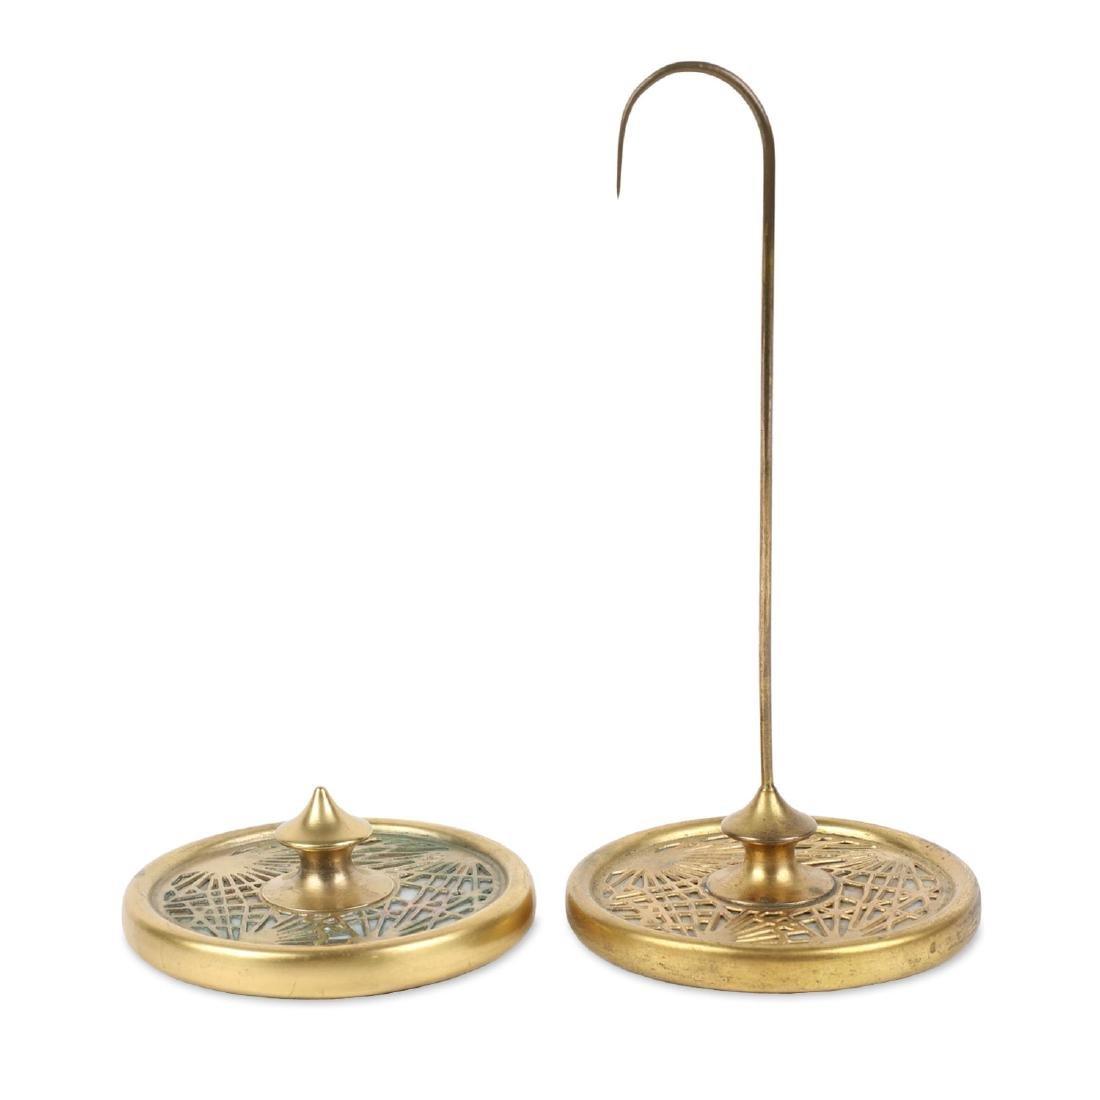 Tiffany Bronze Desk Accessories